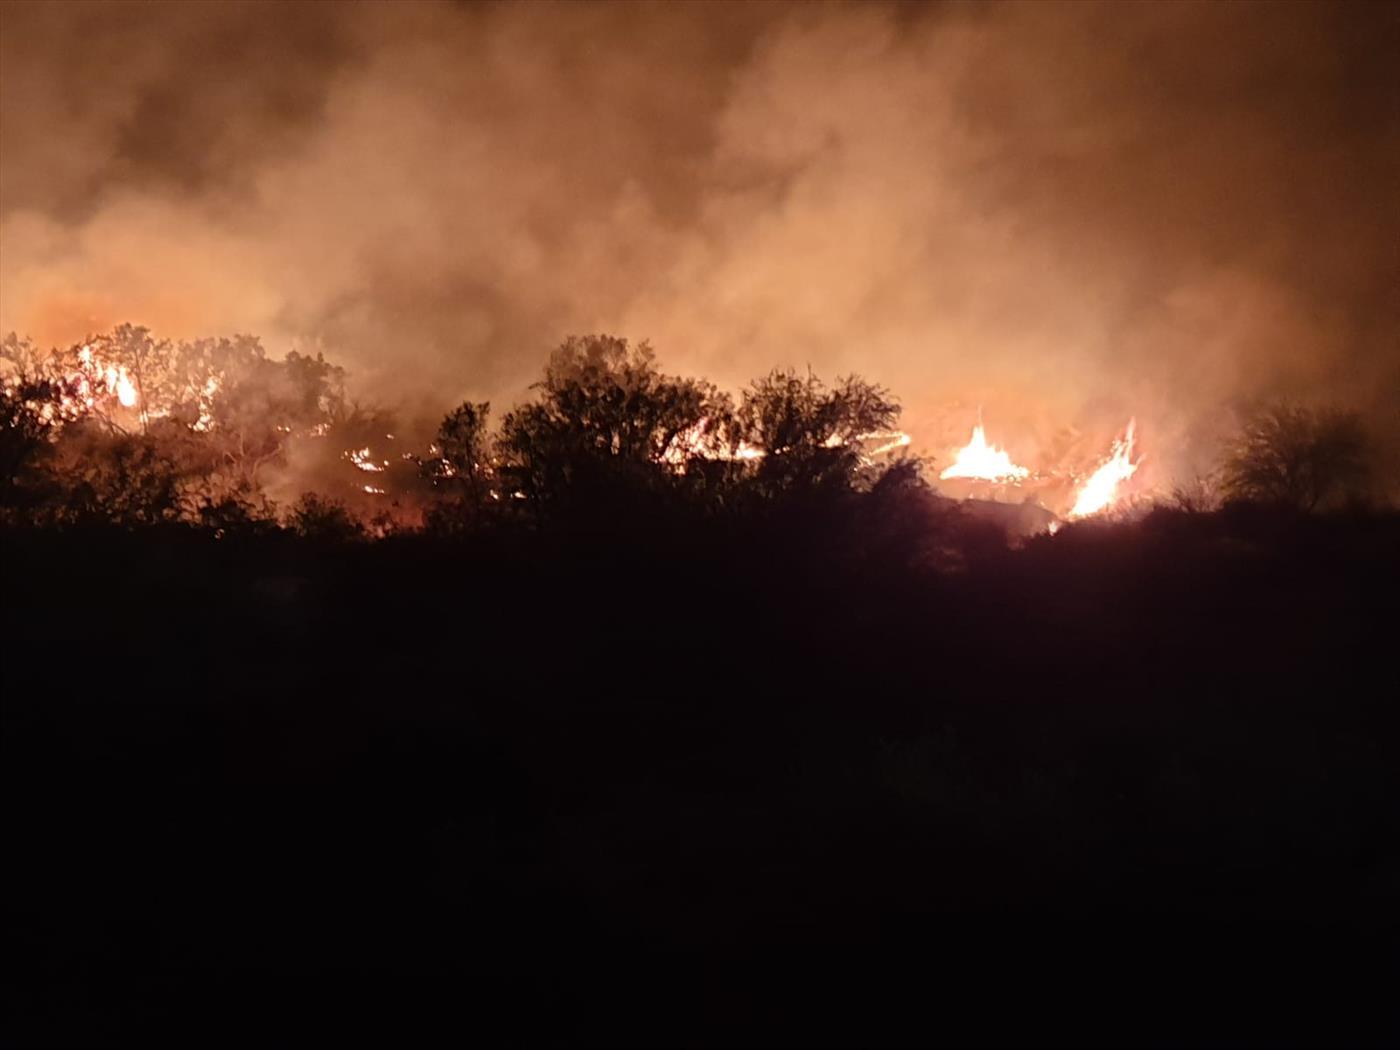 השריפה אמש בחבל אשכול (צילום: חדשות 24 בפייסבוק)